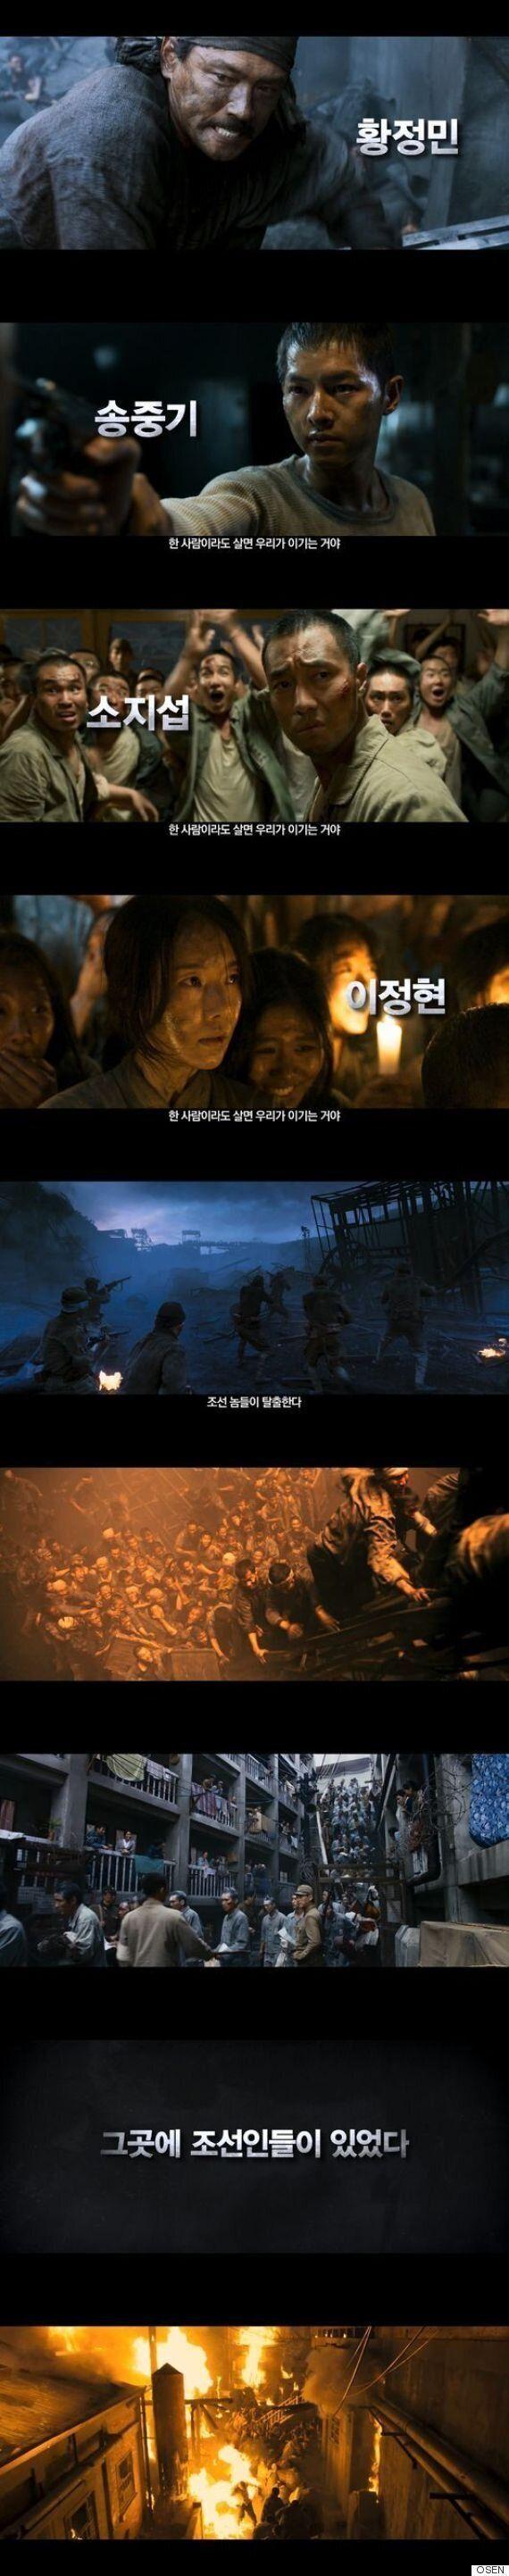 '군함도', 강제징용 조선인 탈출 스토리 담은..예고편